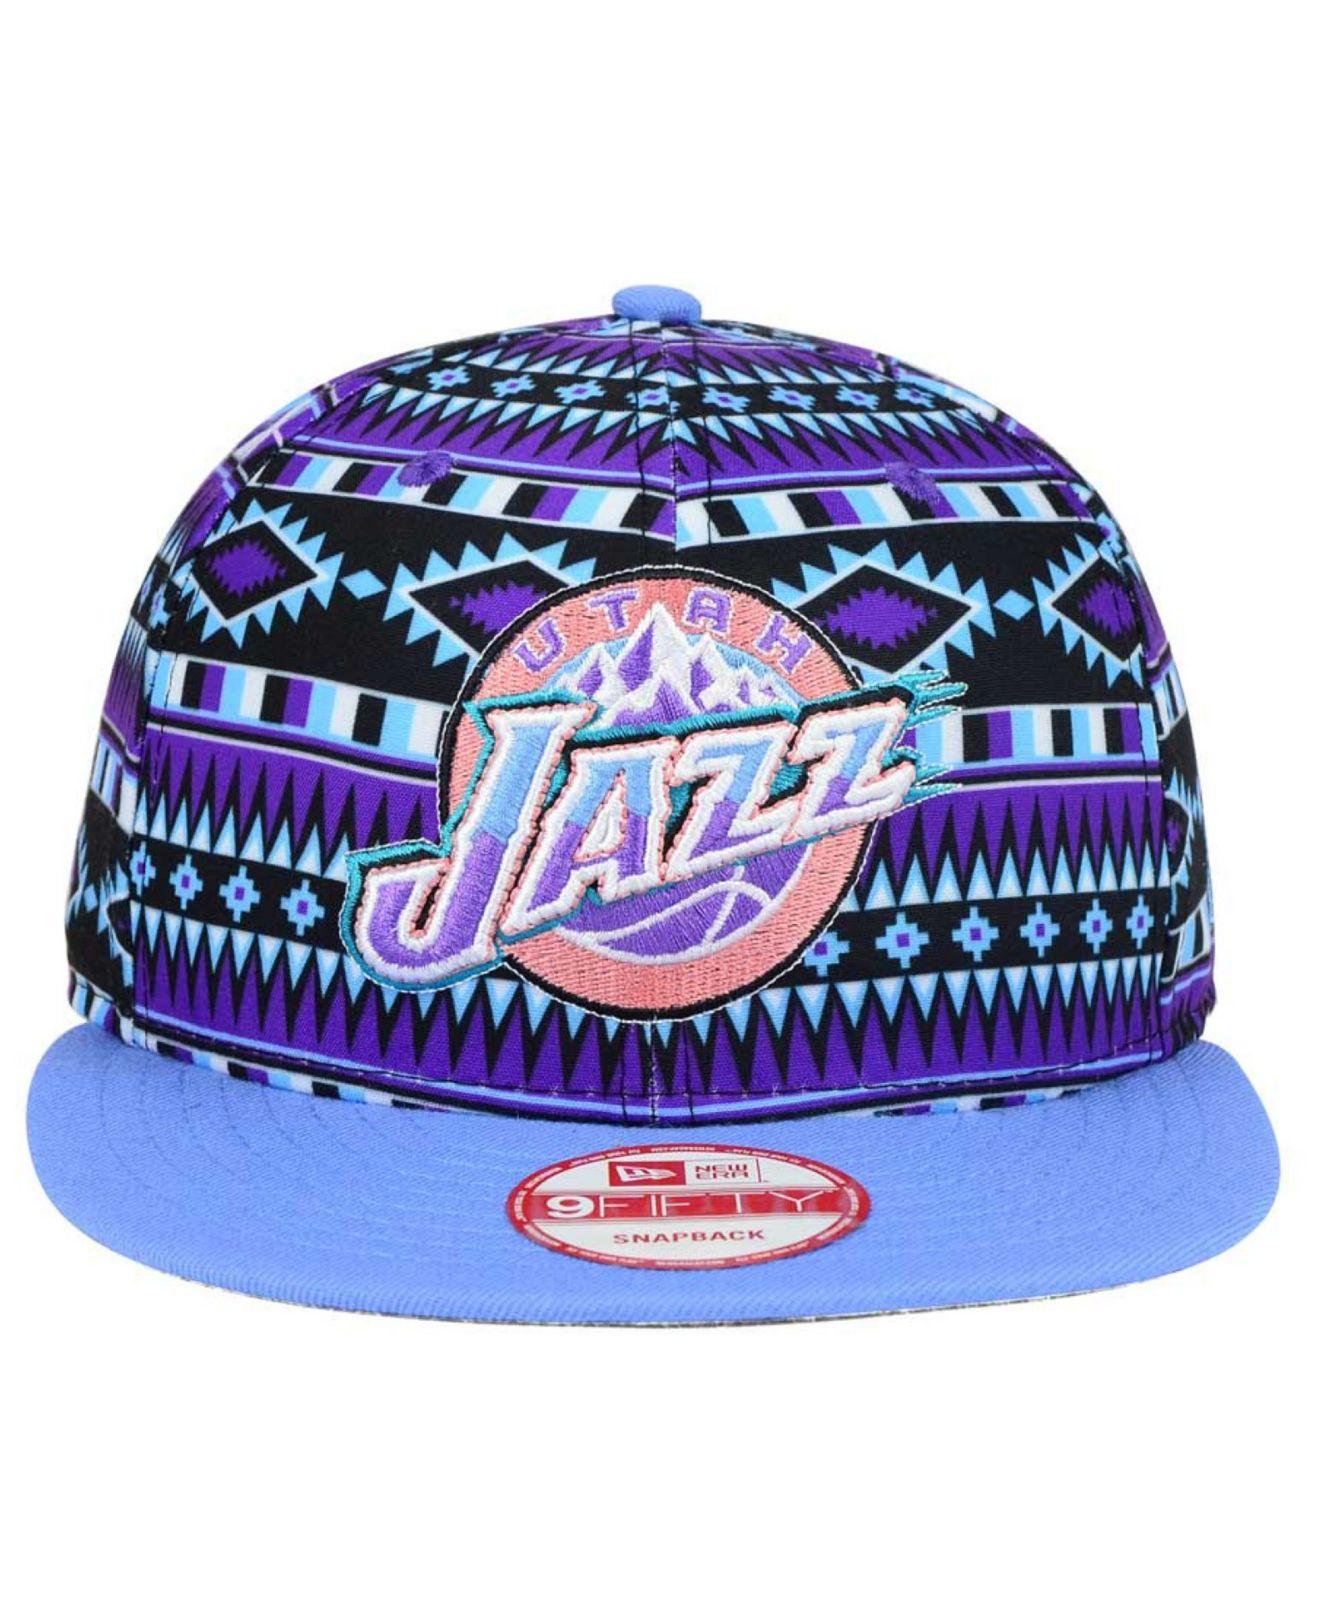 Lyst - KTZ Utah Jazz Hwc Tri-all Print 9fifty Snapback Cap in Purple ... 898384c66